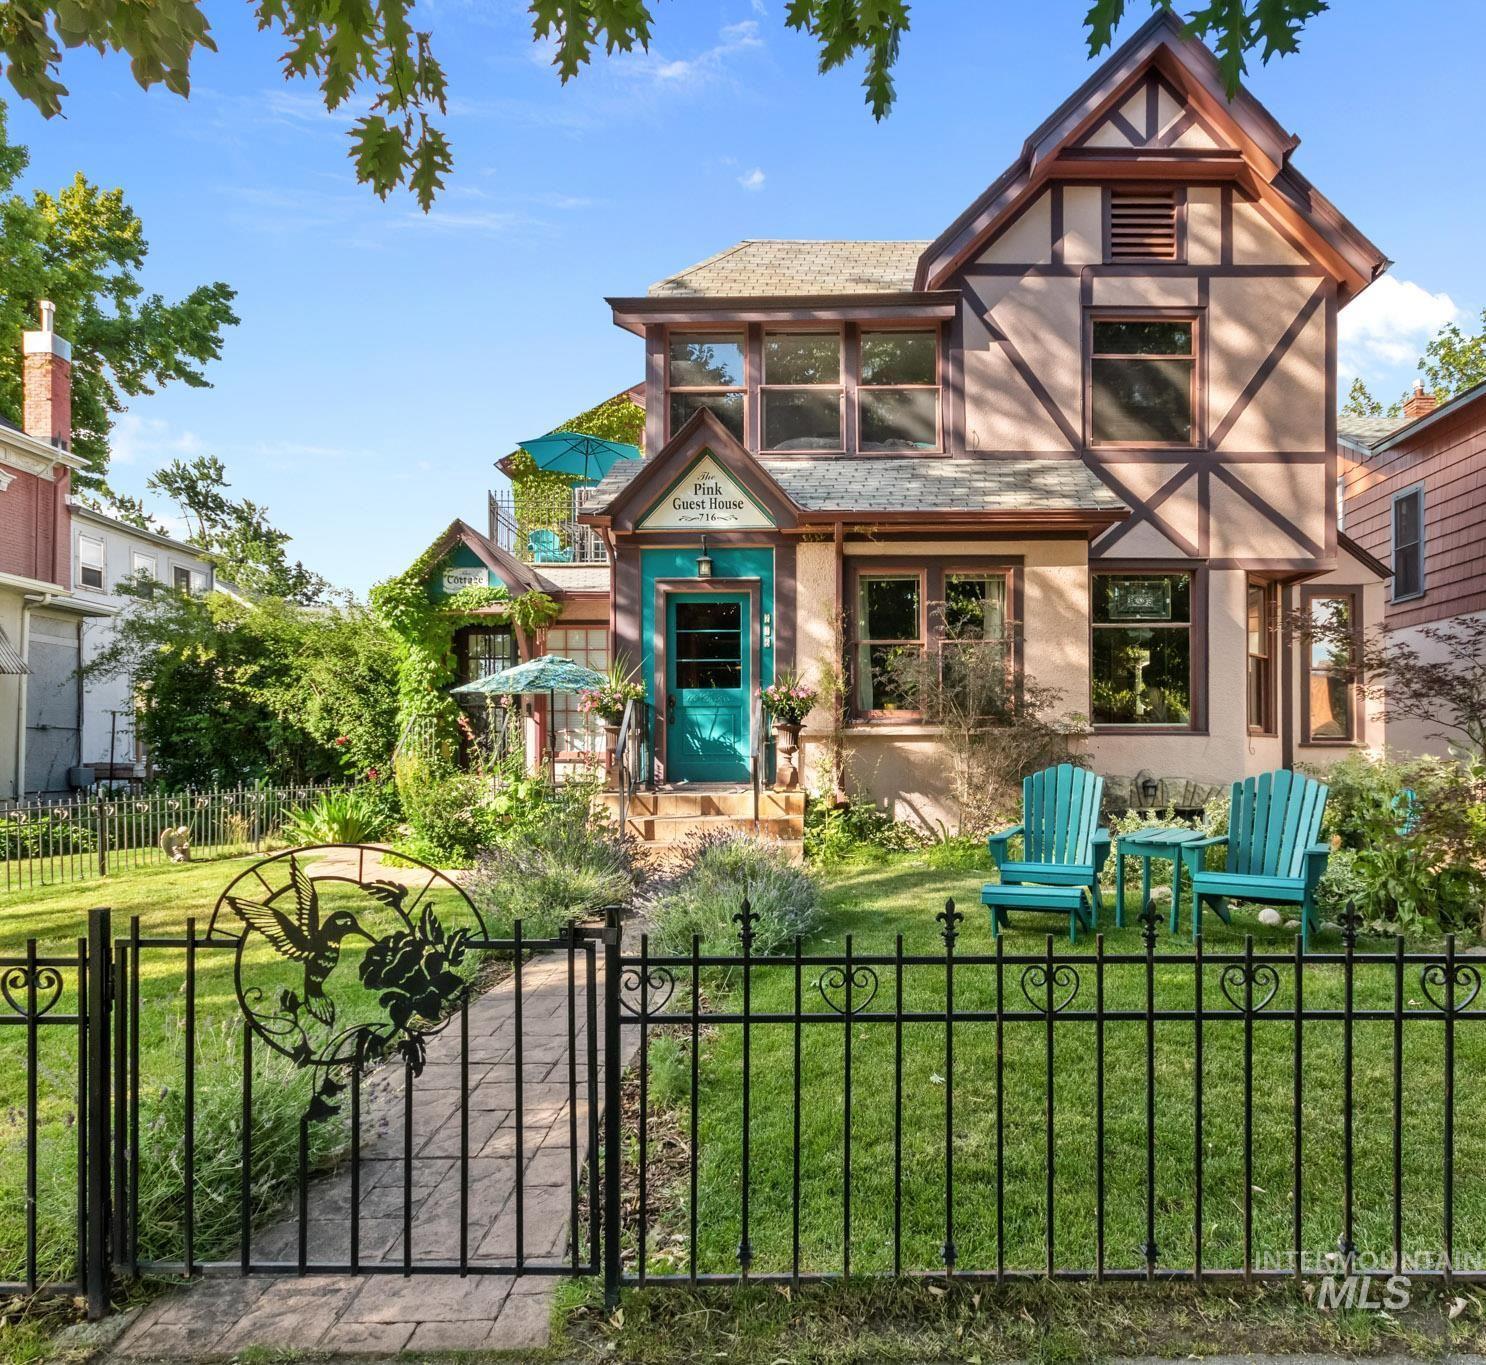 716 W Franklin Property Photo